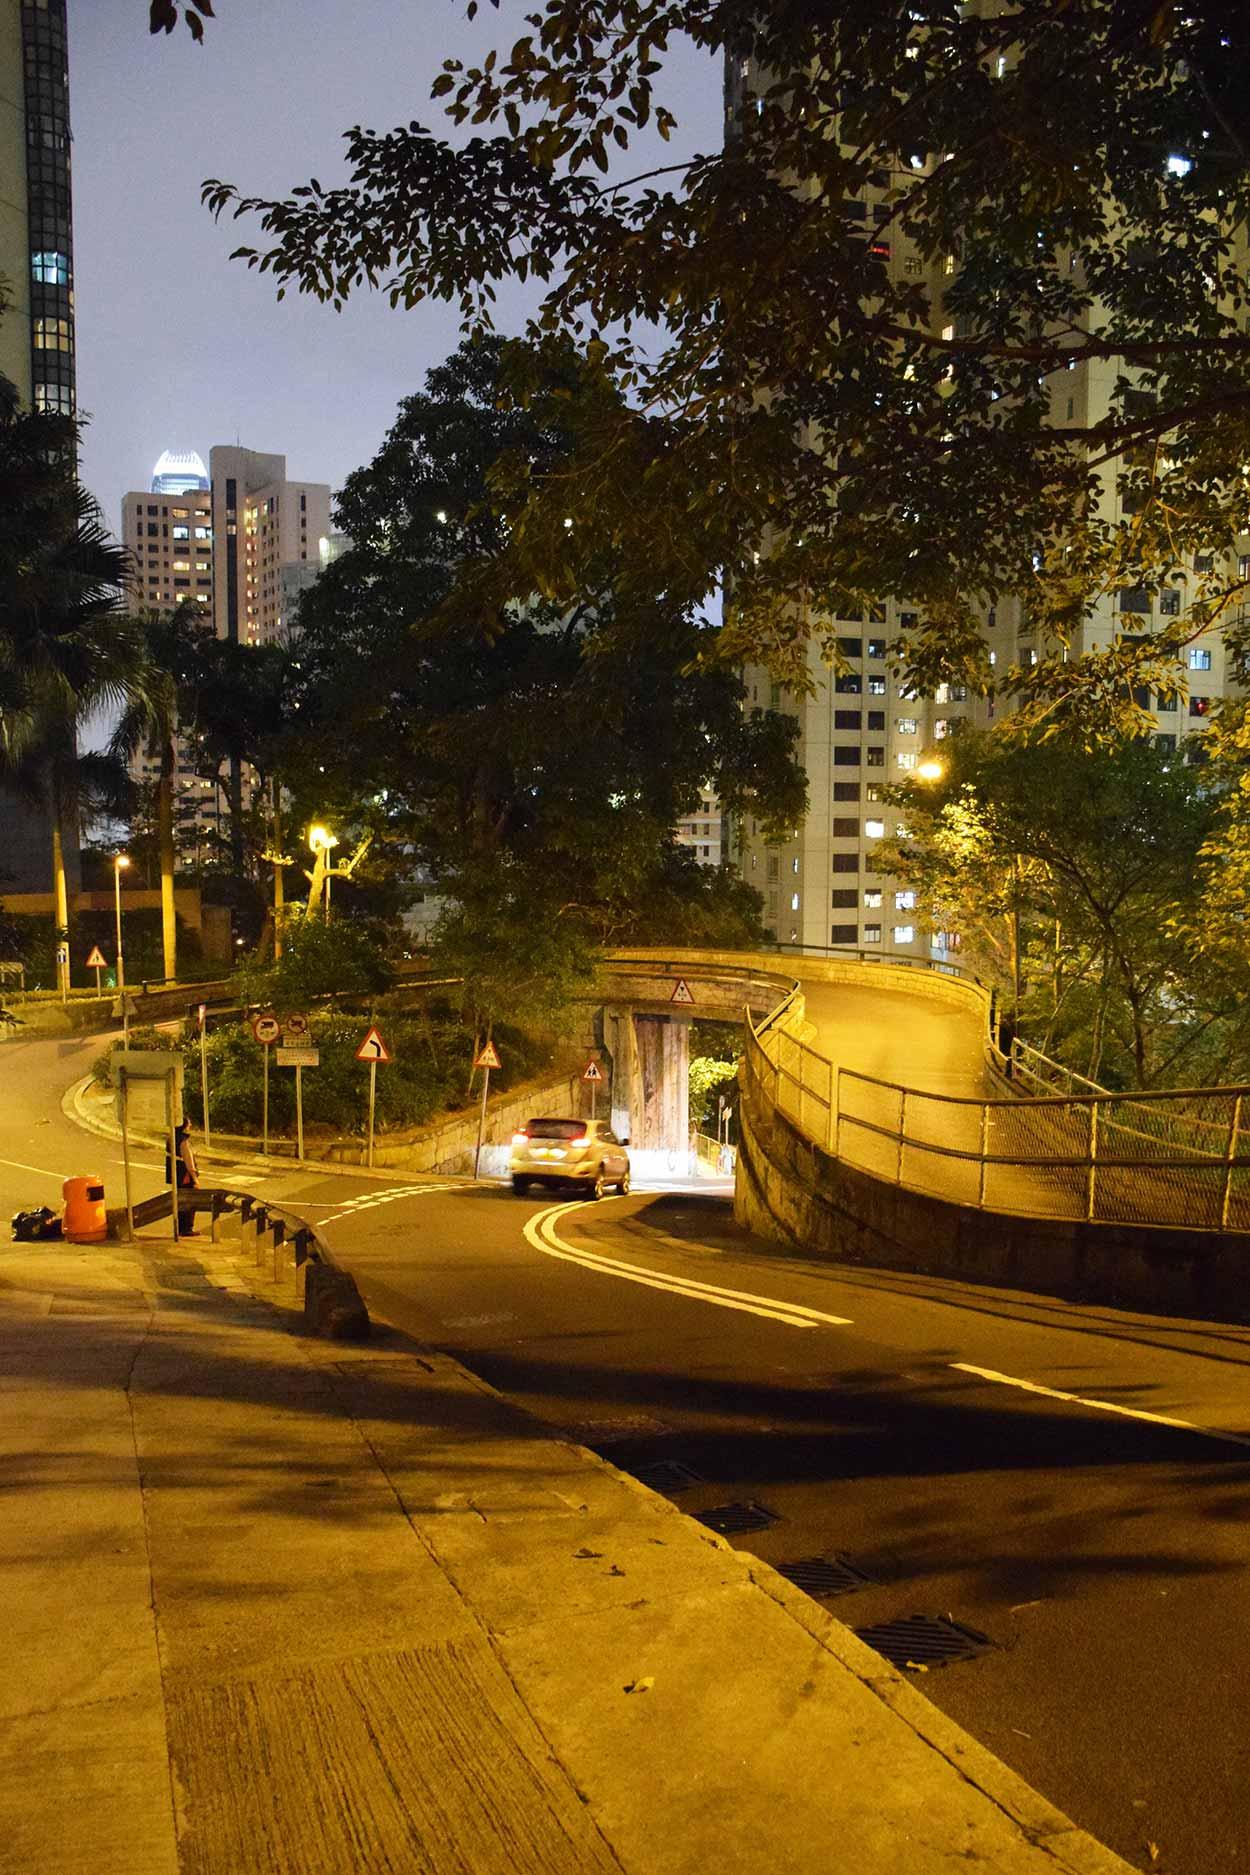 Walking along Old Peak Road, The Mid Levels, Hong Kong, China